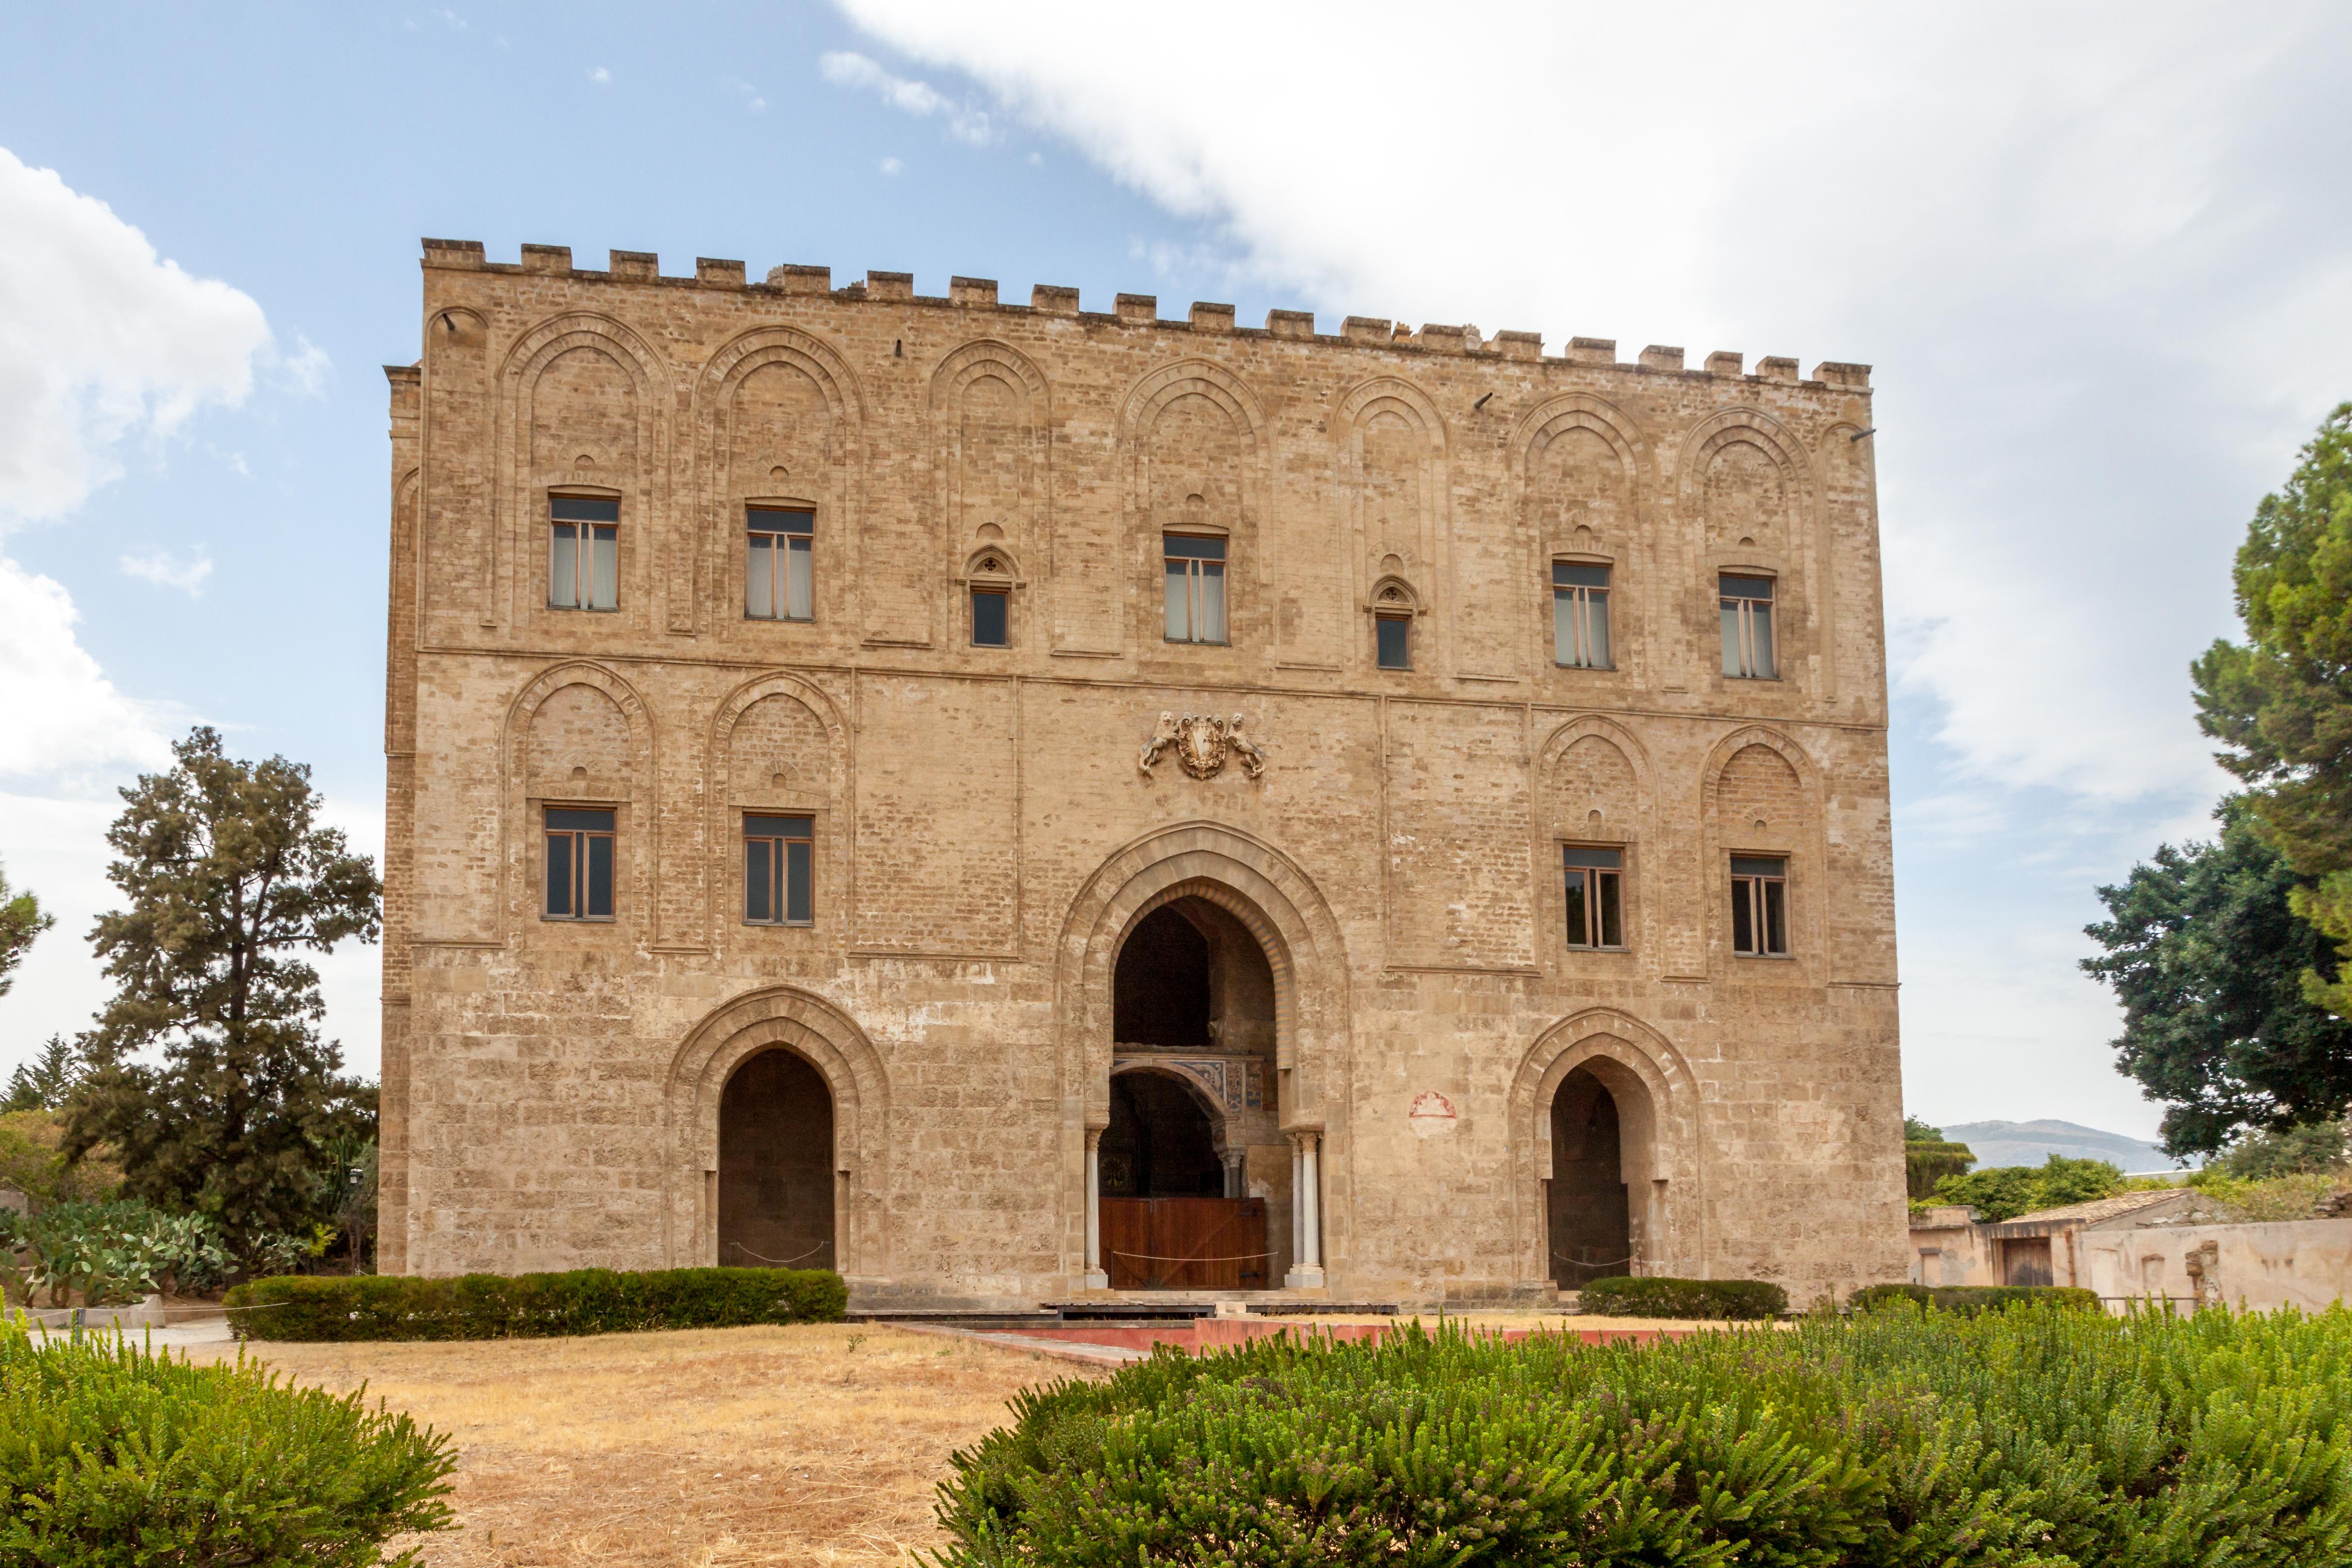 Parcheggi La Zisa Palermo